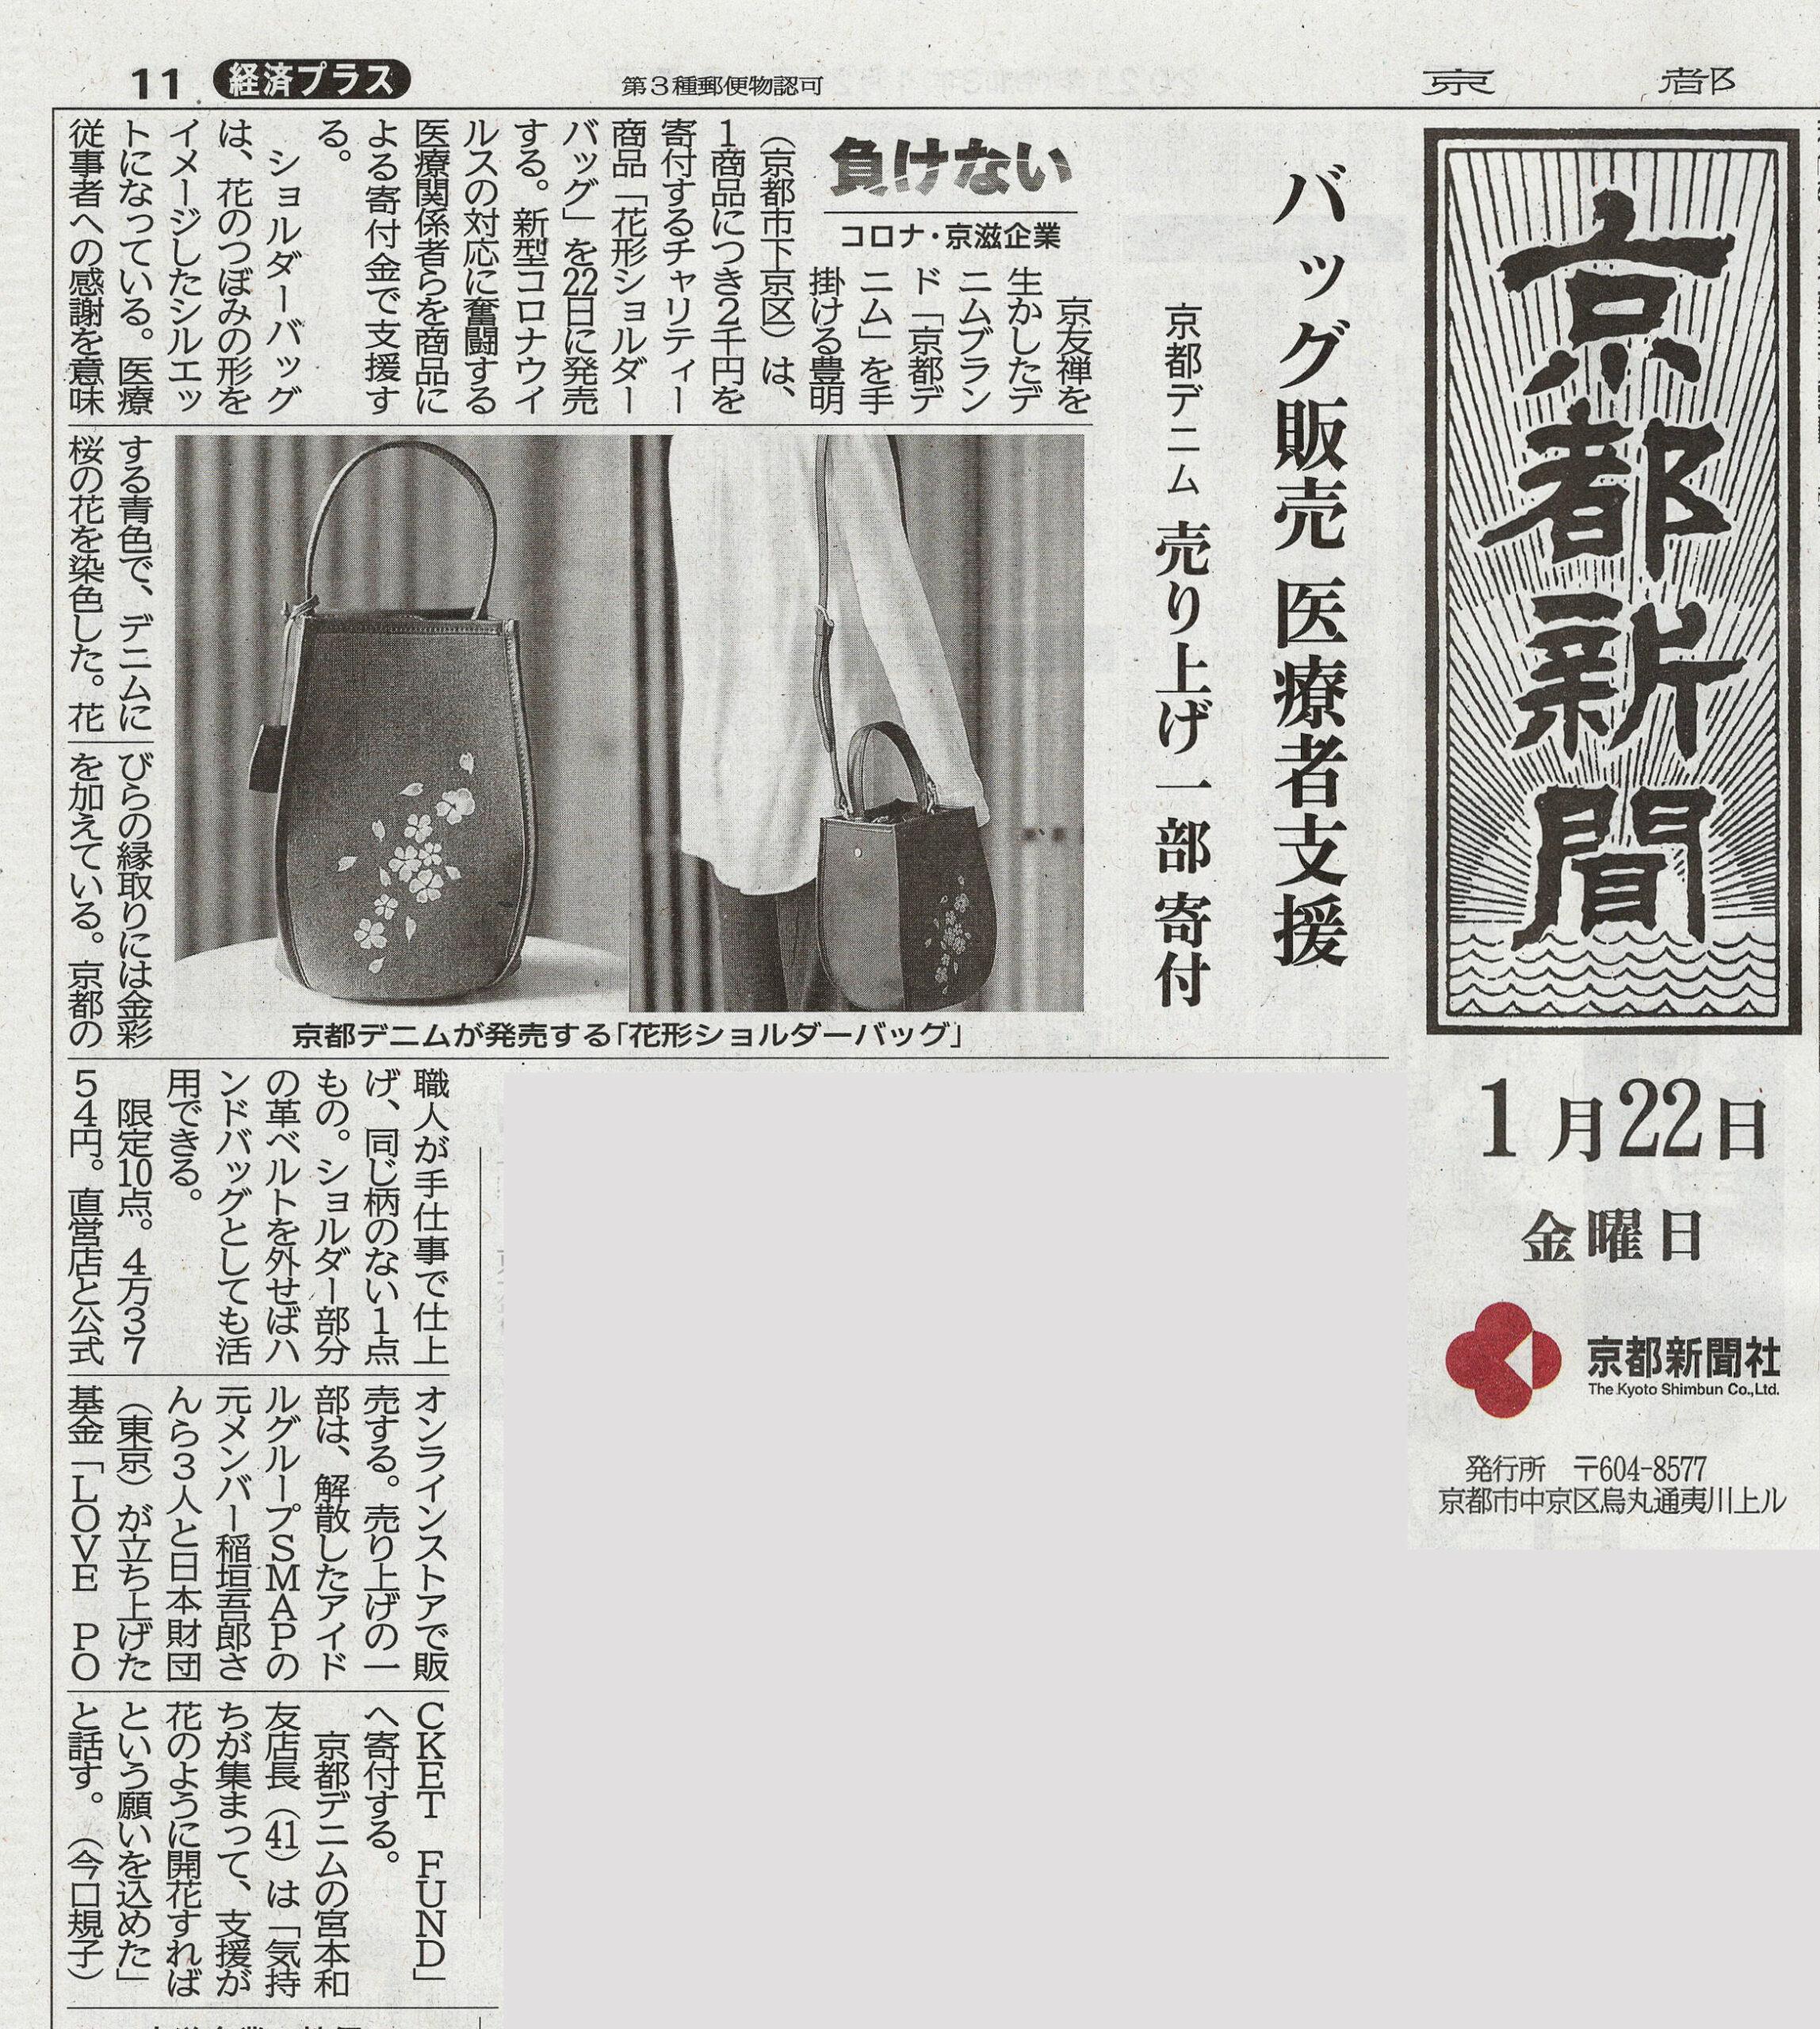 2021-01-22京都新聞_花形ショルダーバッグ